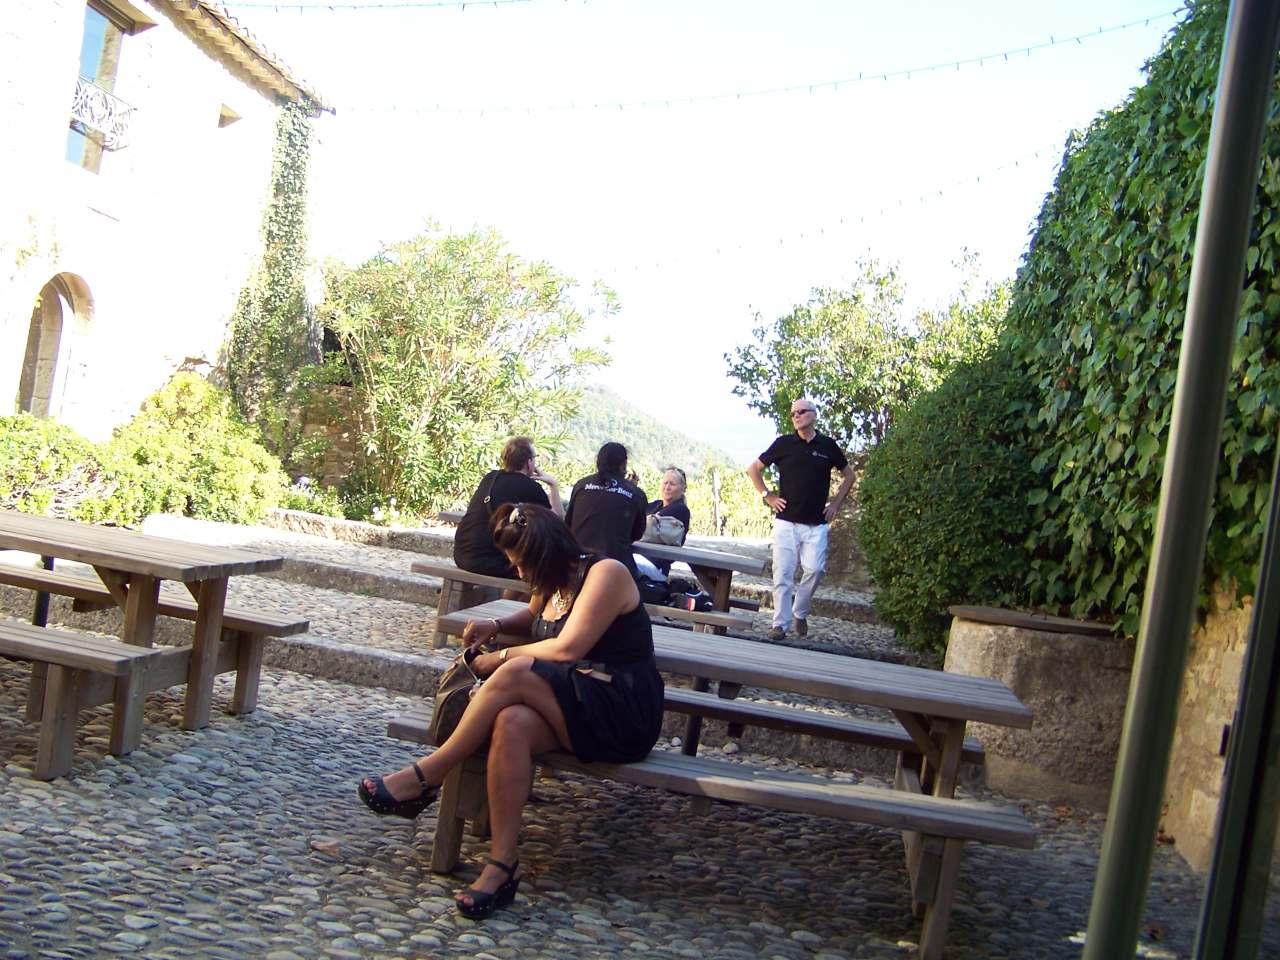 [Rasso] 22 Septembre 2012 - Rassemblement Dans Le Sud De La France (Orgon) - Page 2 Orgon-120922-077